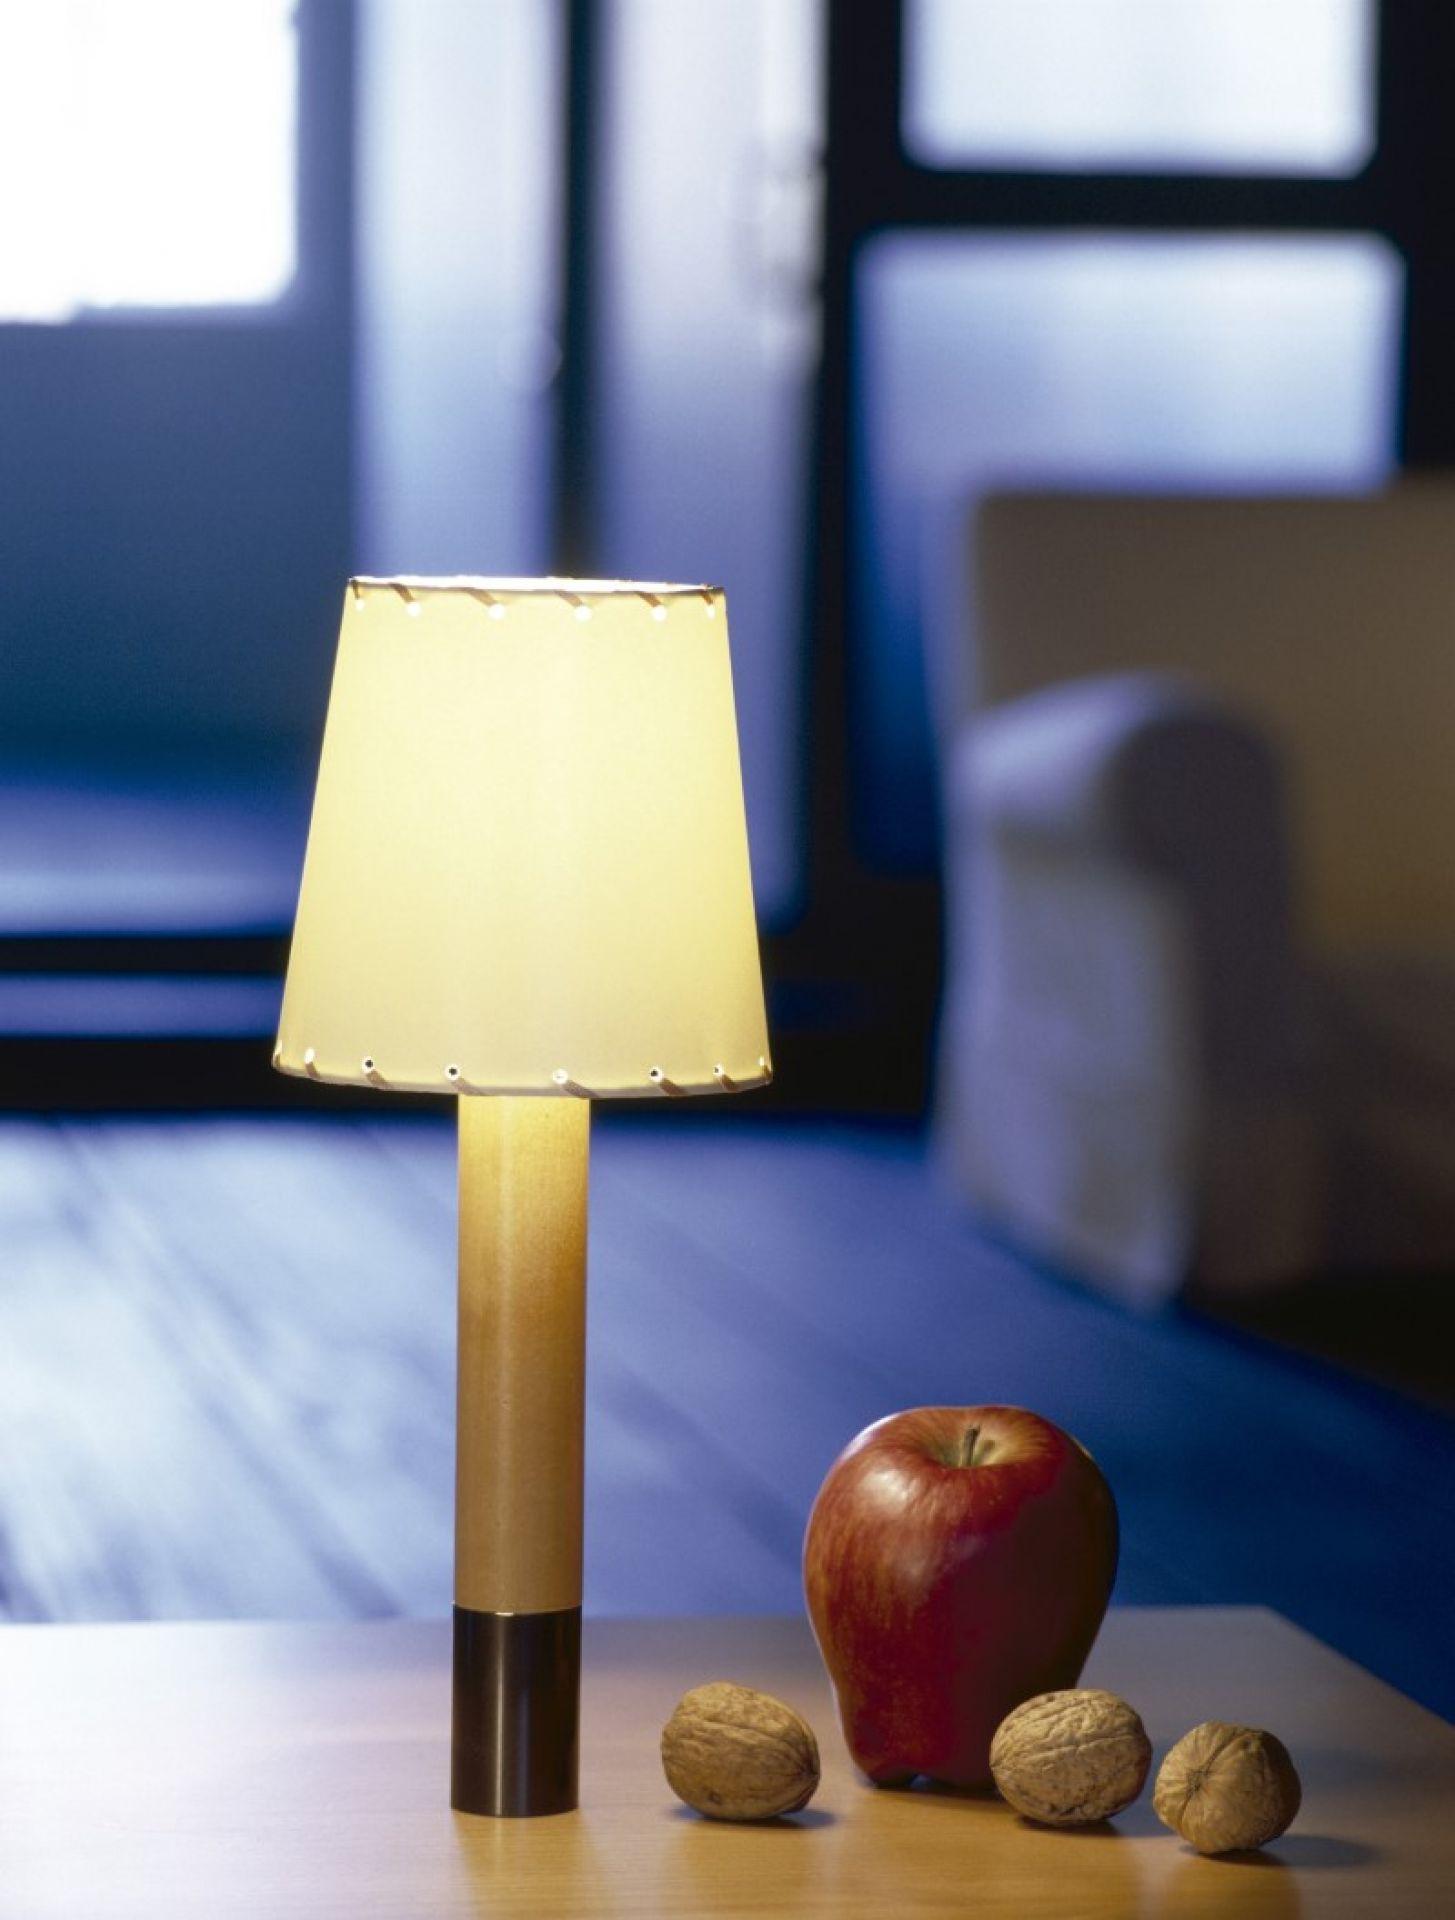 Basica Minima Table lamp Santa & Cole